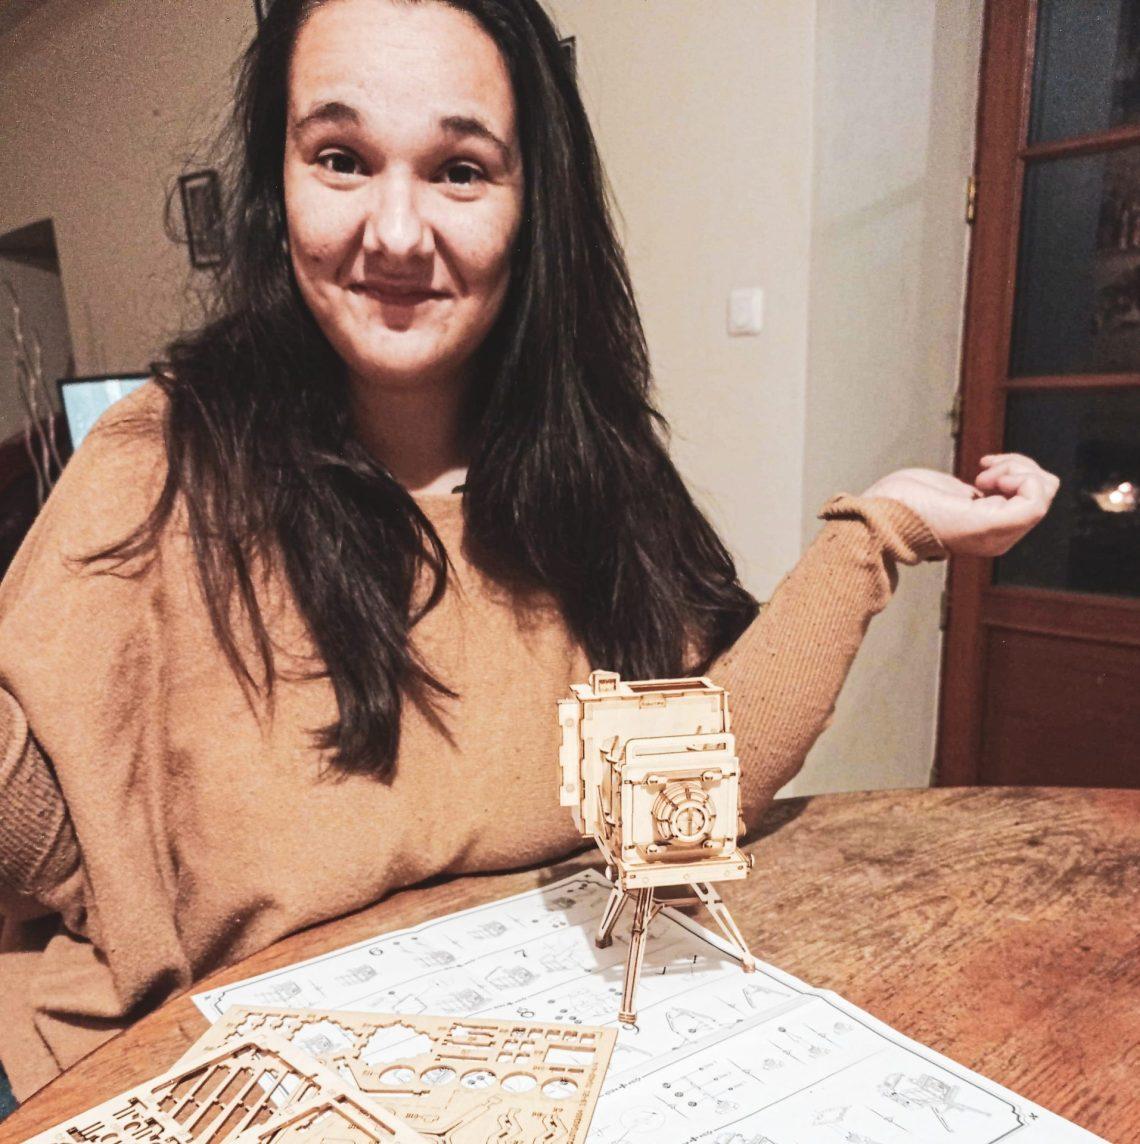 Golemites : Quels sont les bienfaits des puzzles 3D sur les adultes ?